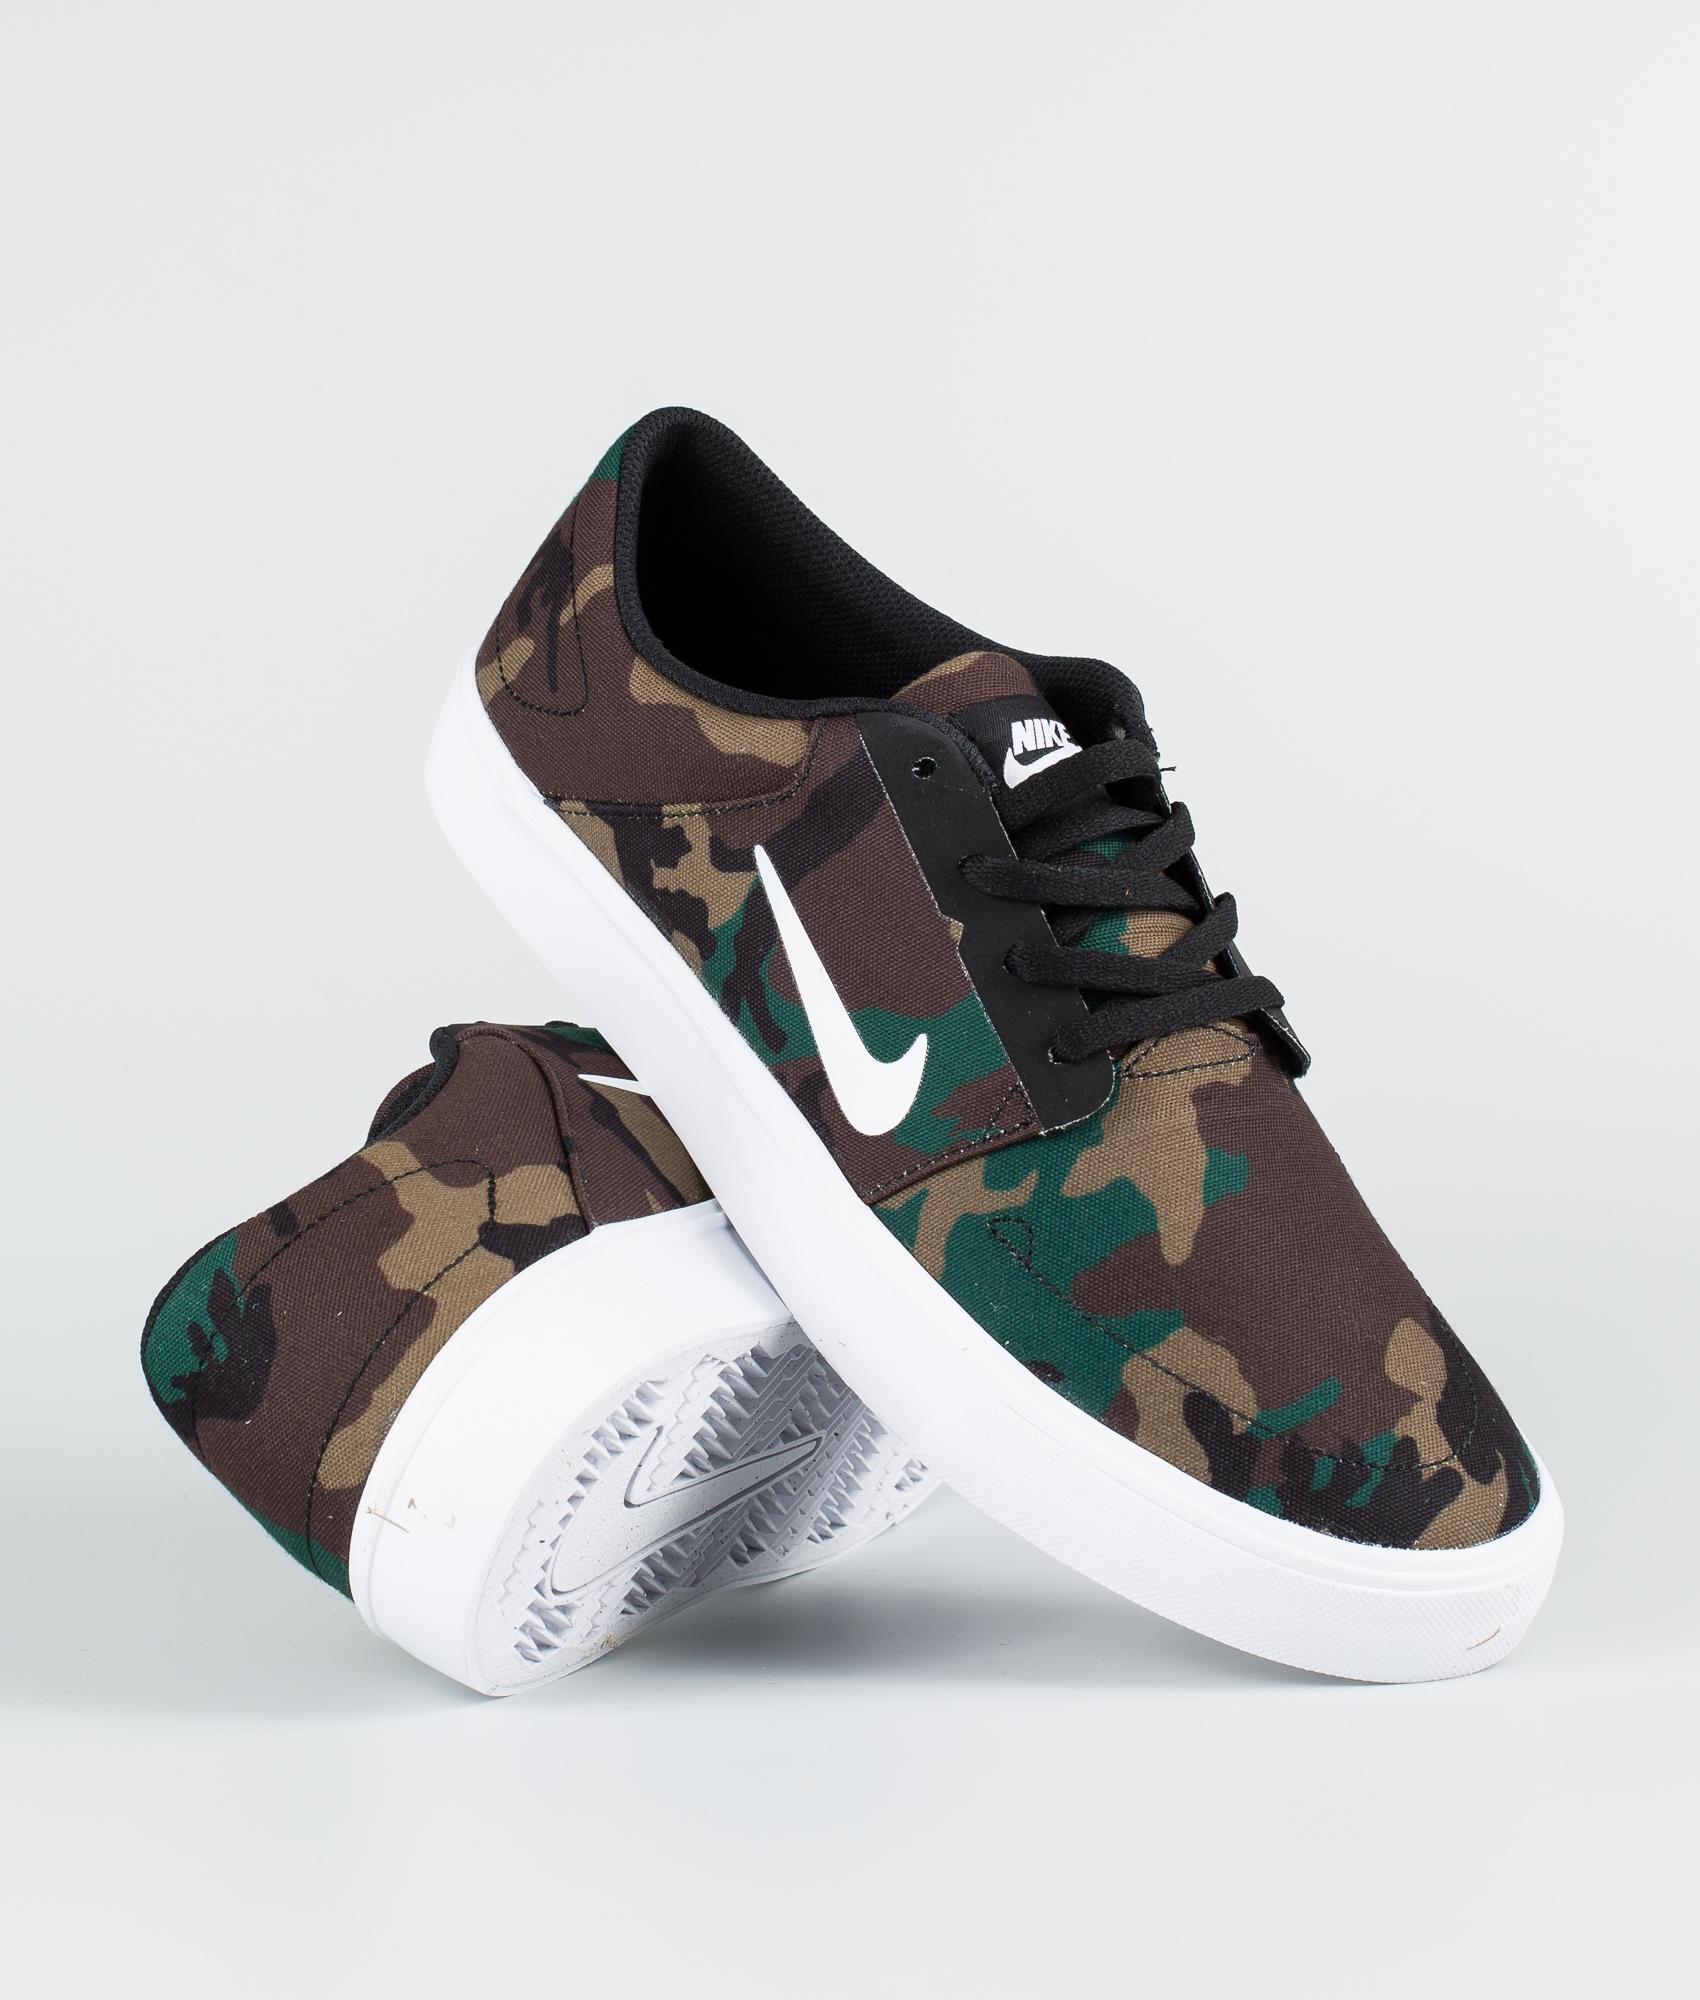 Nike Portmore Cnvs Shoes Black/White